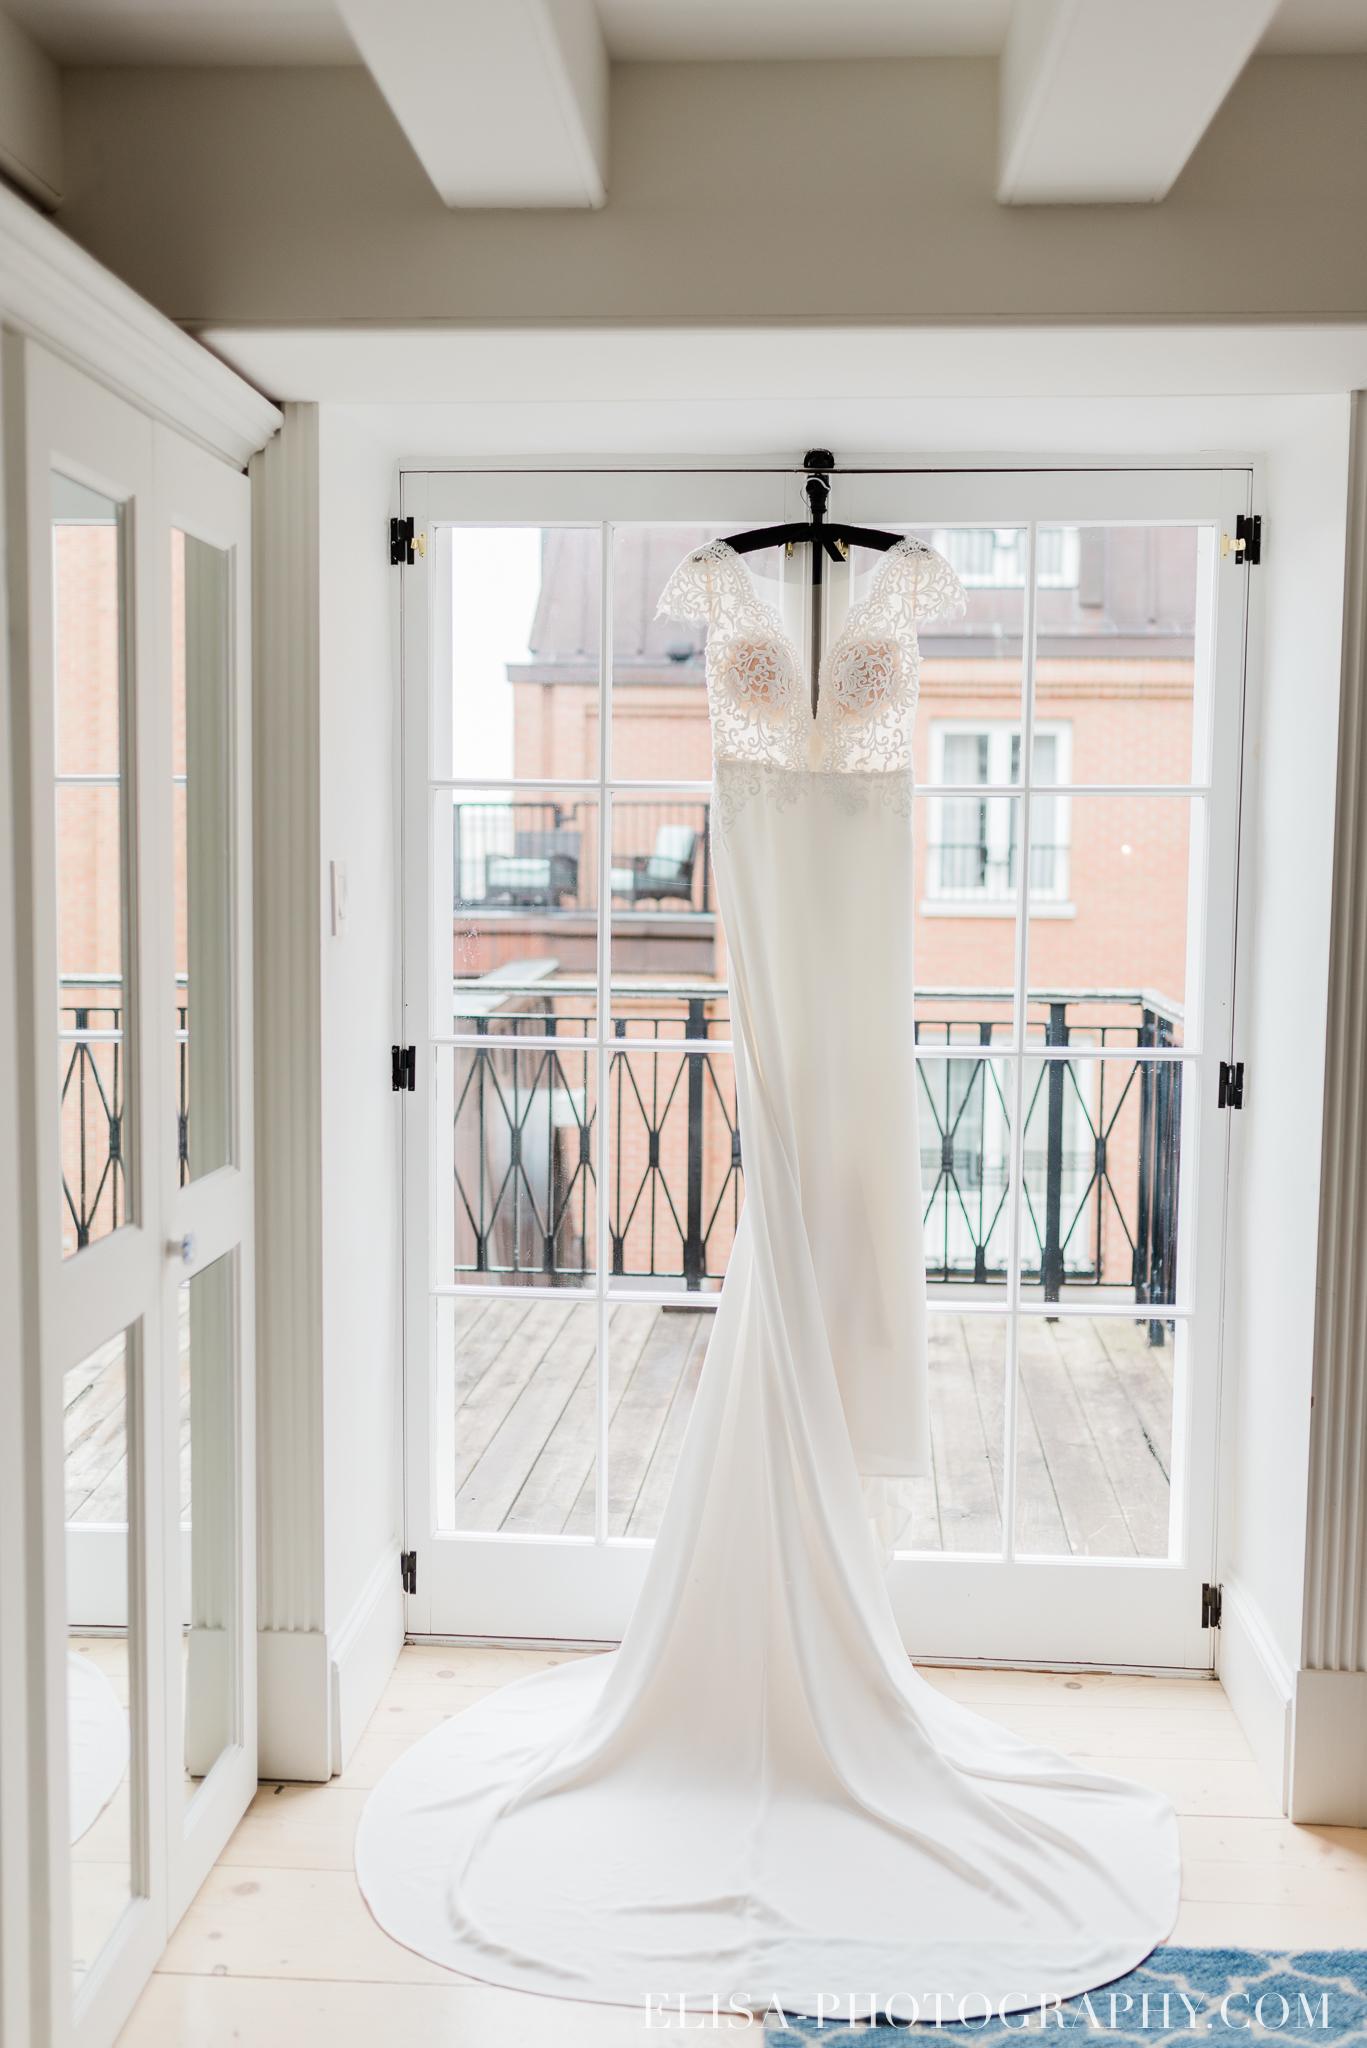 photo mariage quebec auberge saint antoine elisa photographe preparatifs de la mariee robe 8833 - Mariage élégant et discret au coeur du magnifique Domaine Cataraqui, Québec